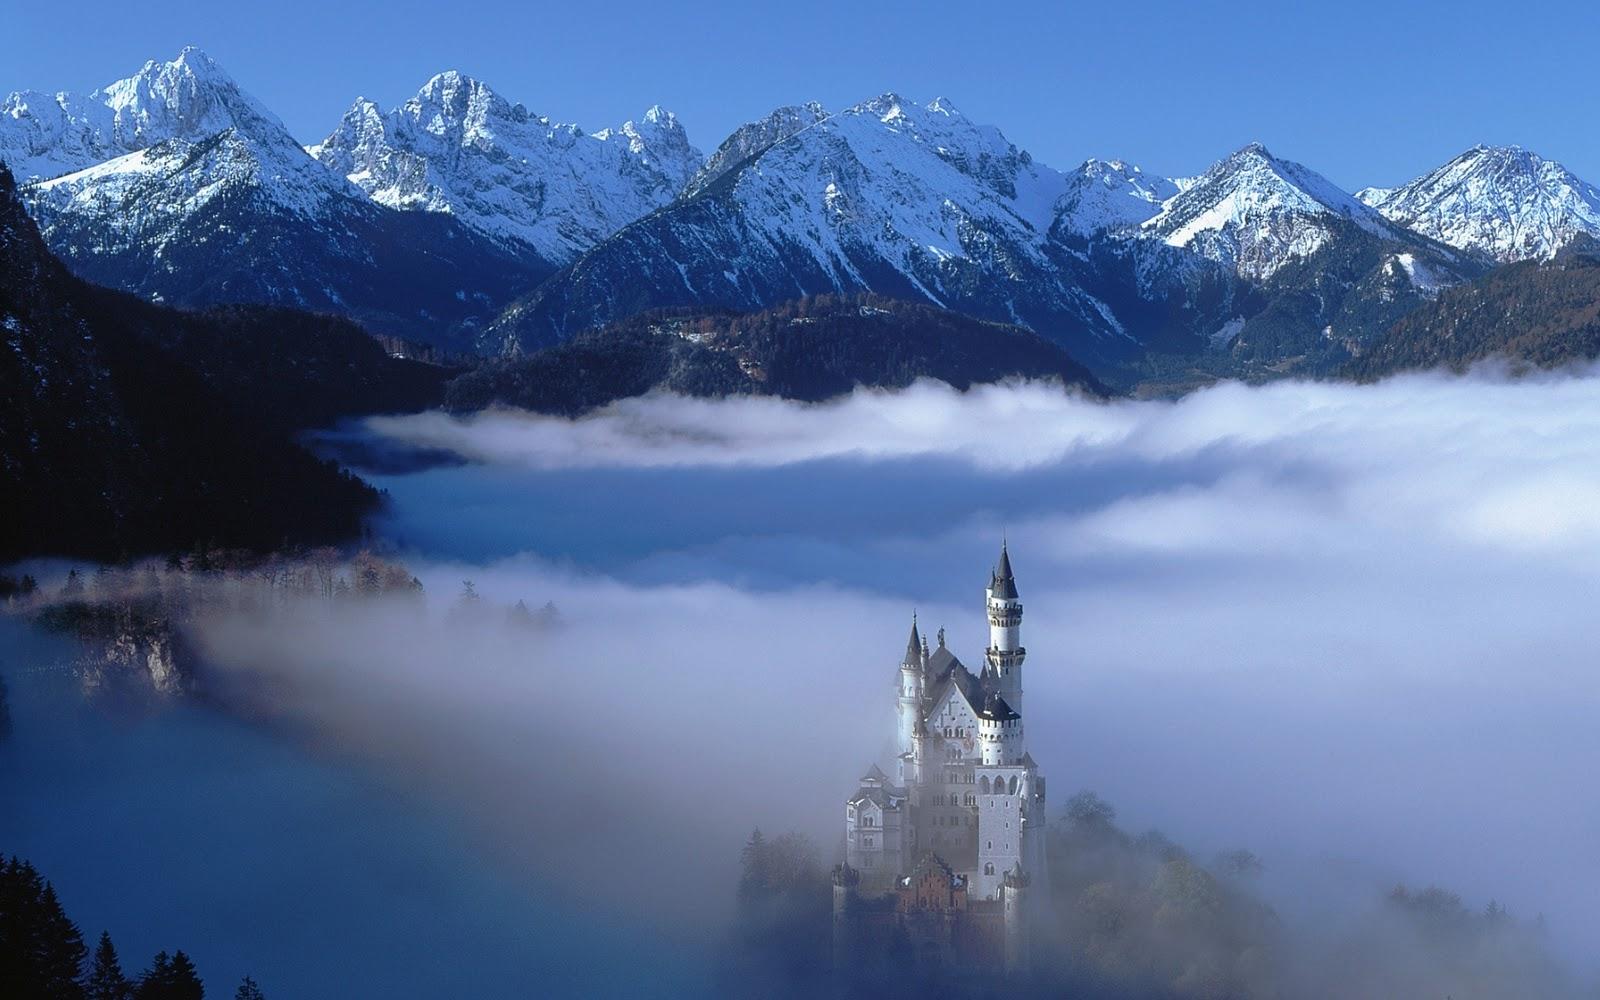 castillo-de-neuschwanstein-baviera-alemania